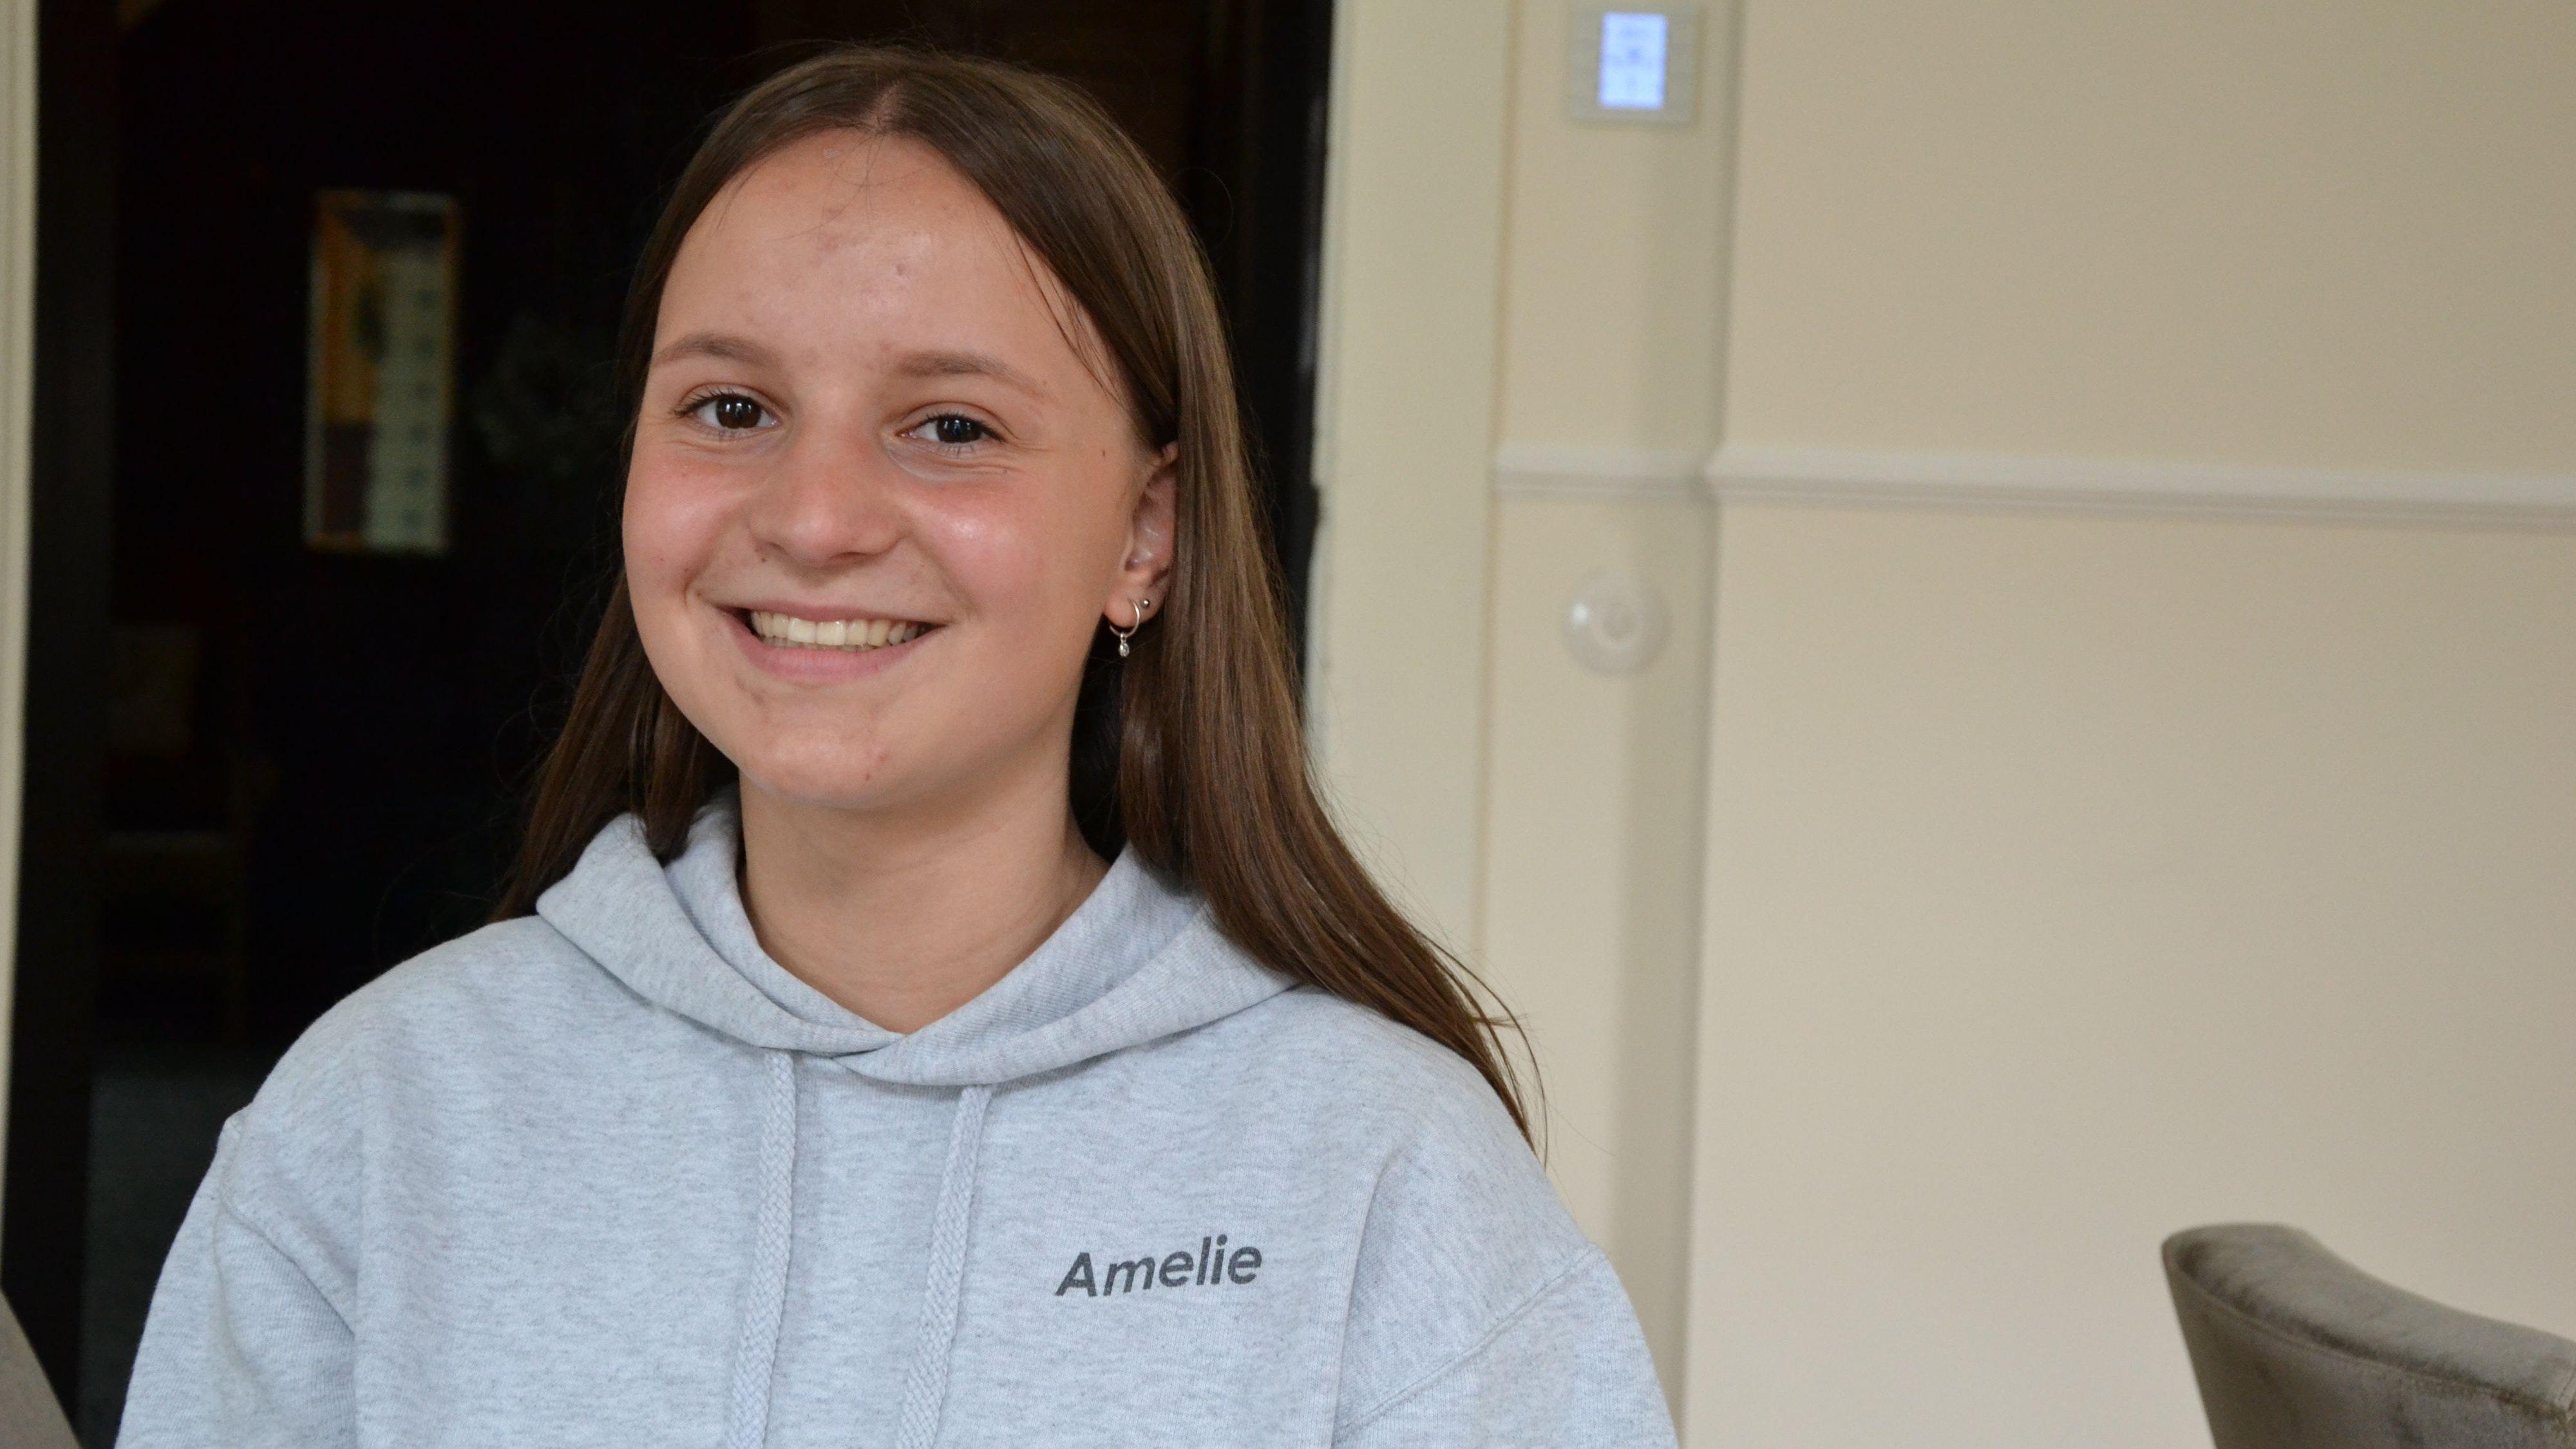 Fröhlich und aufgeschlossen: Lastrups Jugendbürgermeisterin Amelie Hindersmann. Foto: Meyer